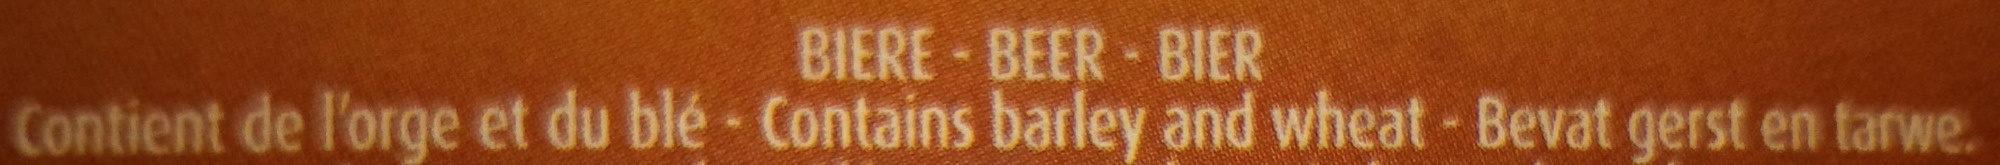 La Goulade - bière blonde à l'ancienne - Ingredients - fr